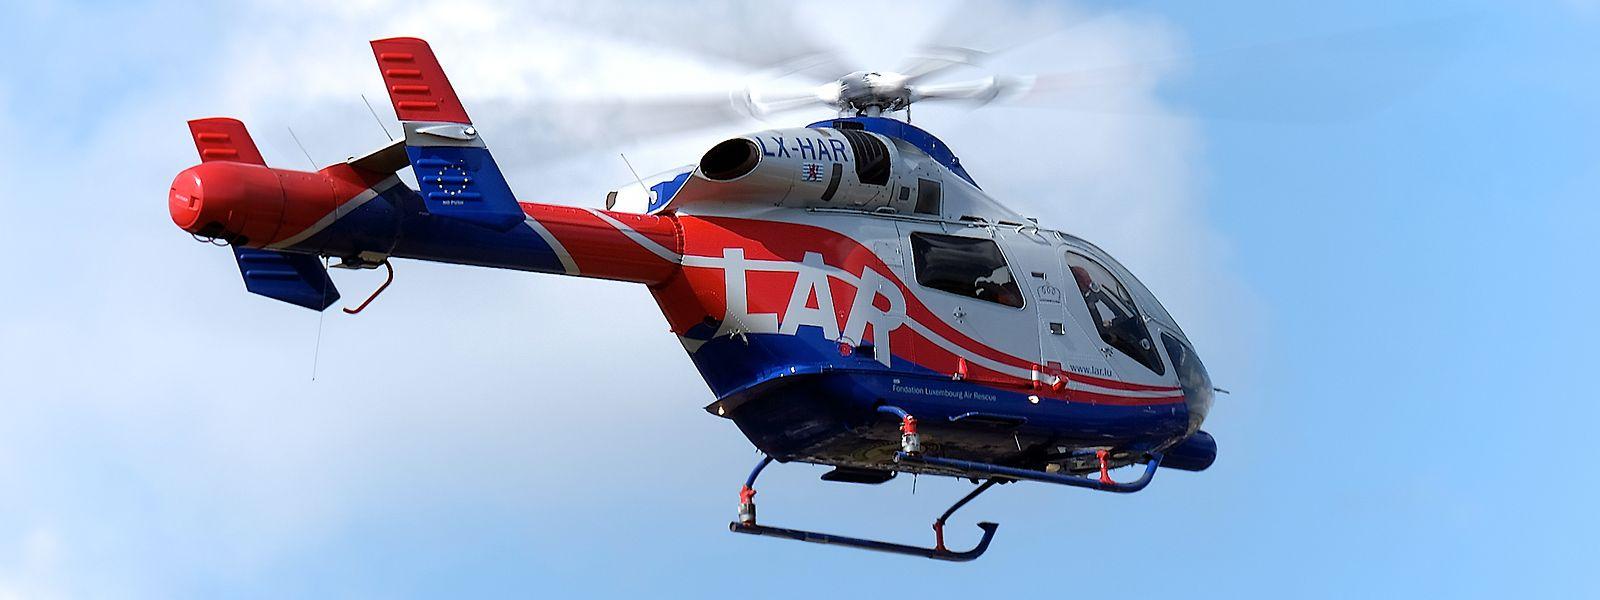 Neben einem Großaufgebot an Polizei- und Feuerwehrkräften war auch die luxemburgische Air Rescue im Einsatz.